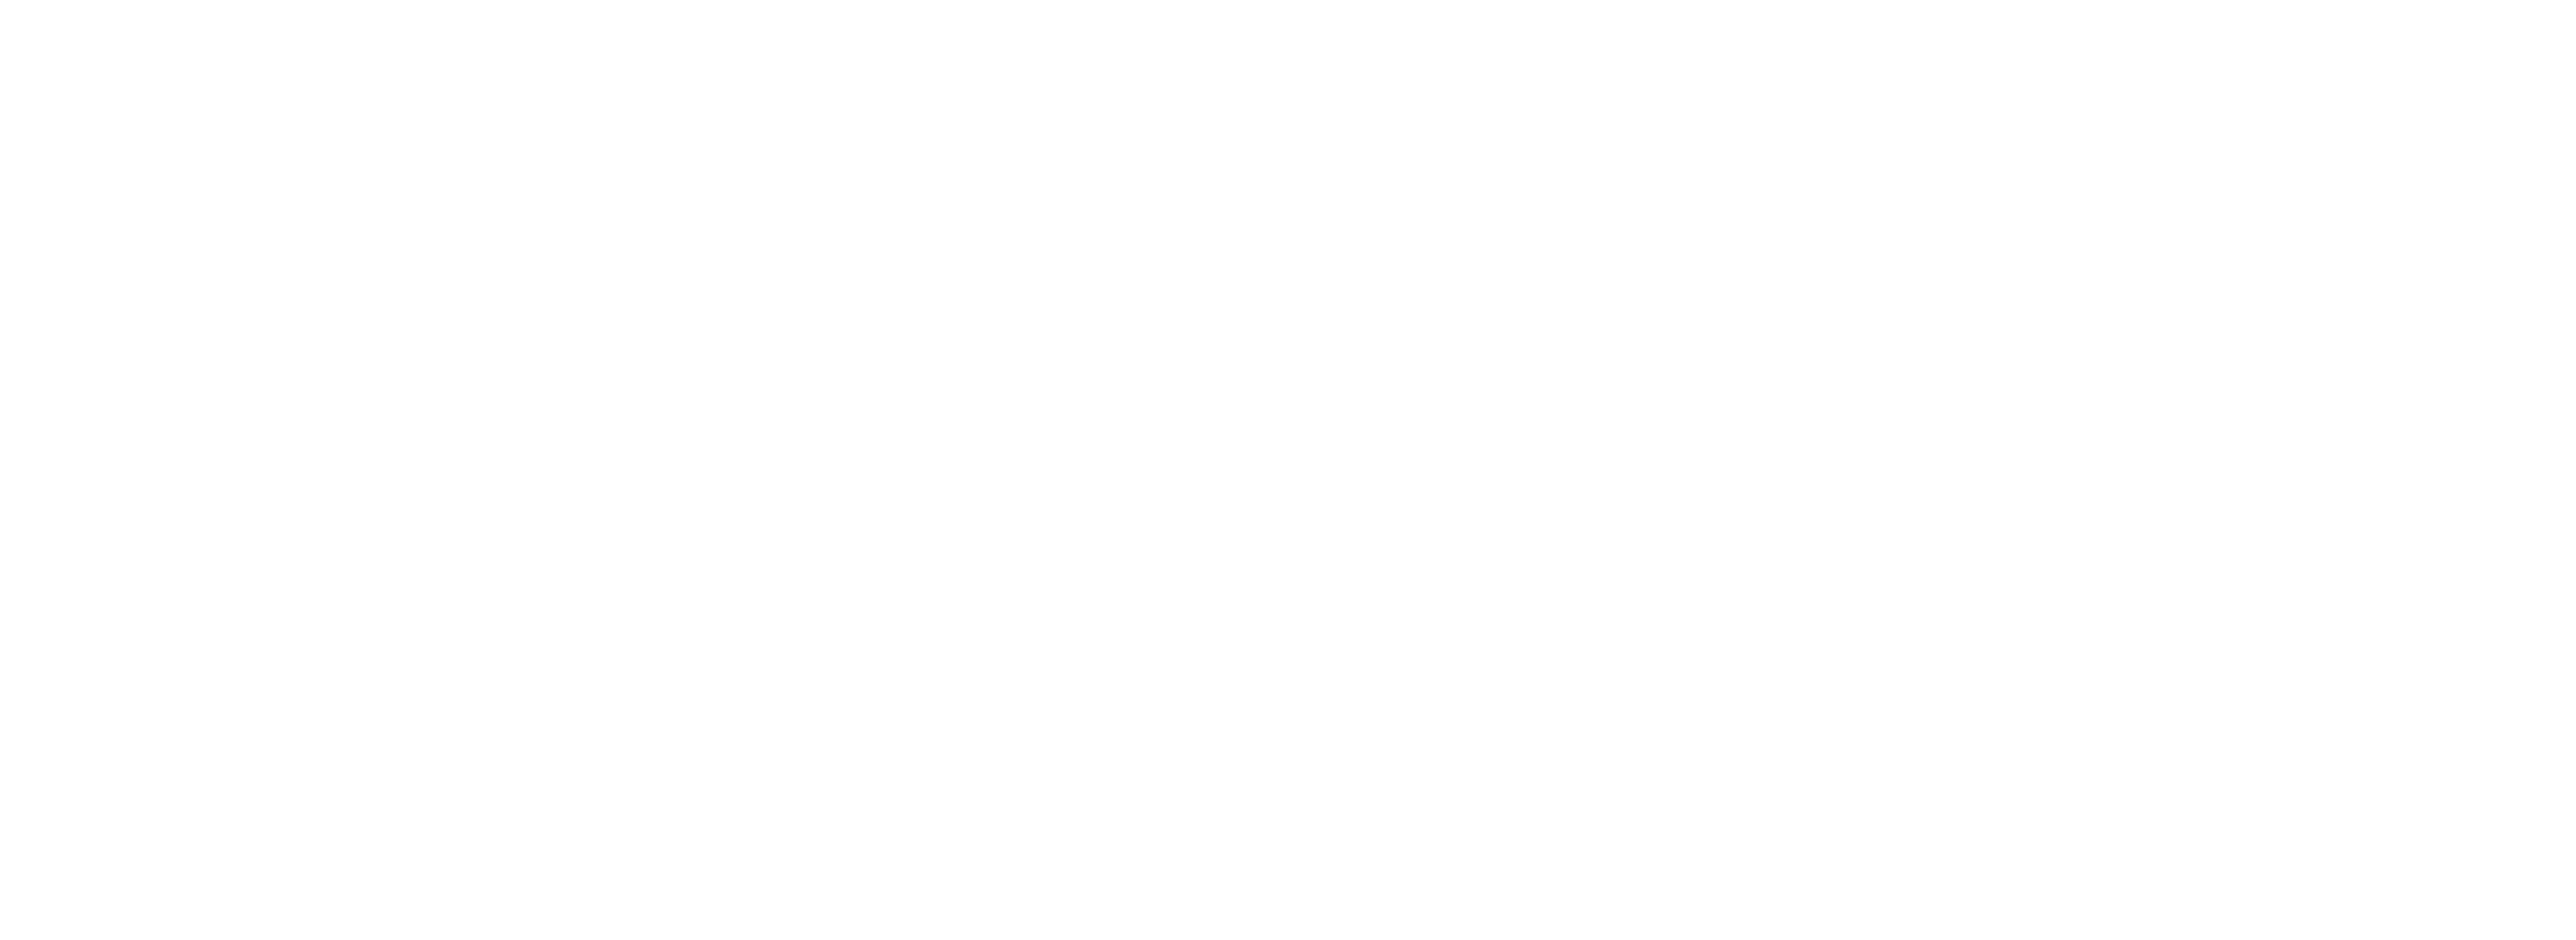 bildschirmfoto-2017-01-17-um-23-33-50